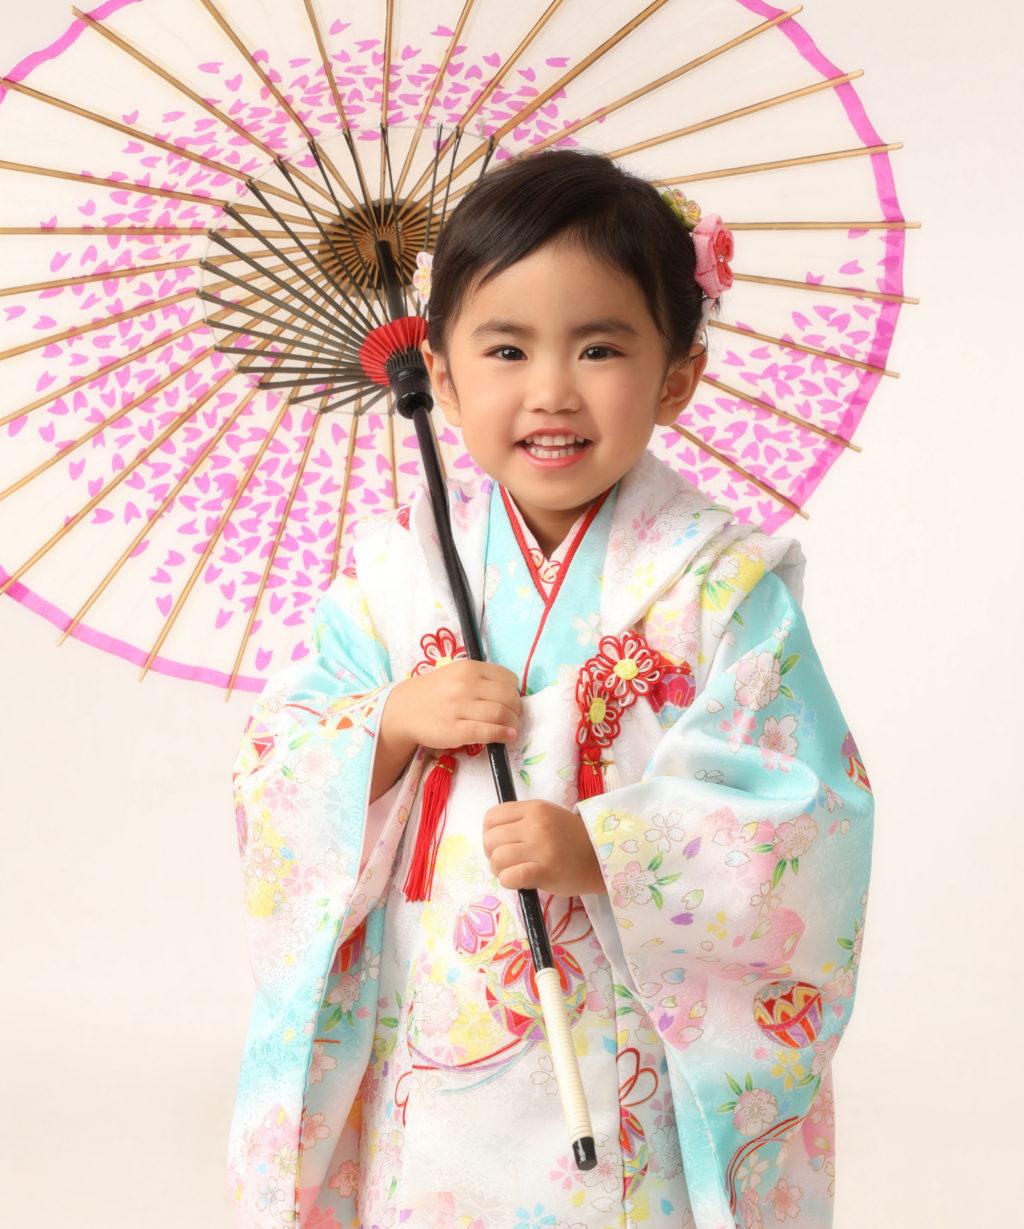 七五三記念写真撮影例(3歳女の子着物)横浜そごう写真館